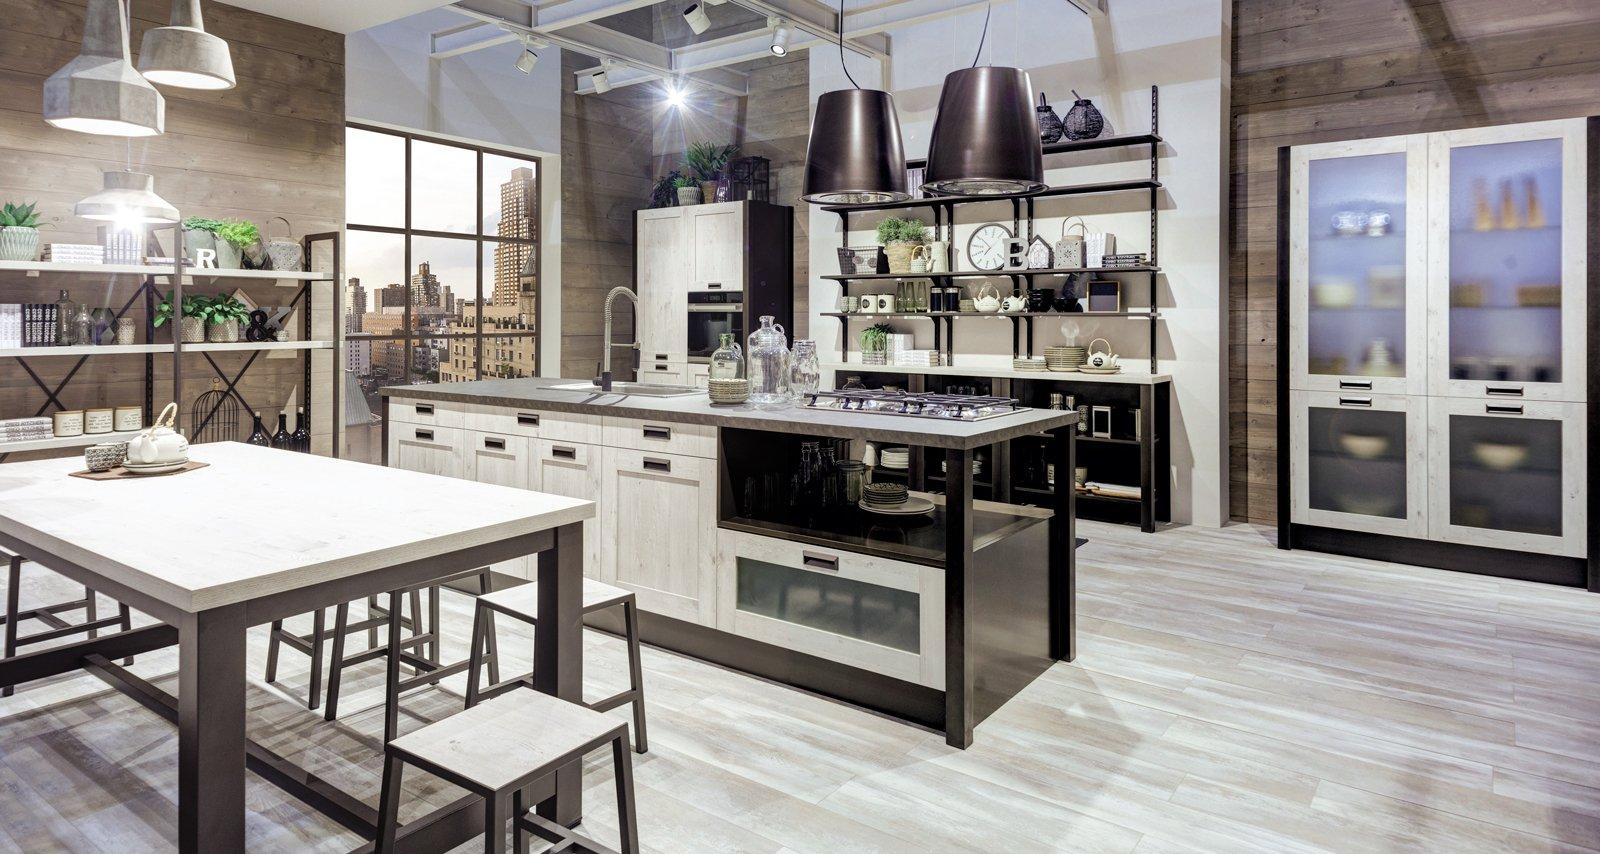 Cucina Con Vetrina. Soprattutto Classica O In Stile Industriale Cose  #4C597F 1600 854 Arredo Cucina Stile Industriale